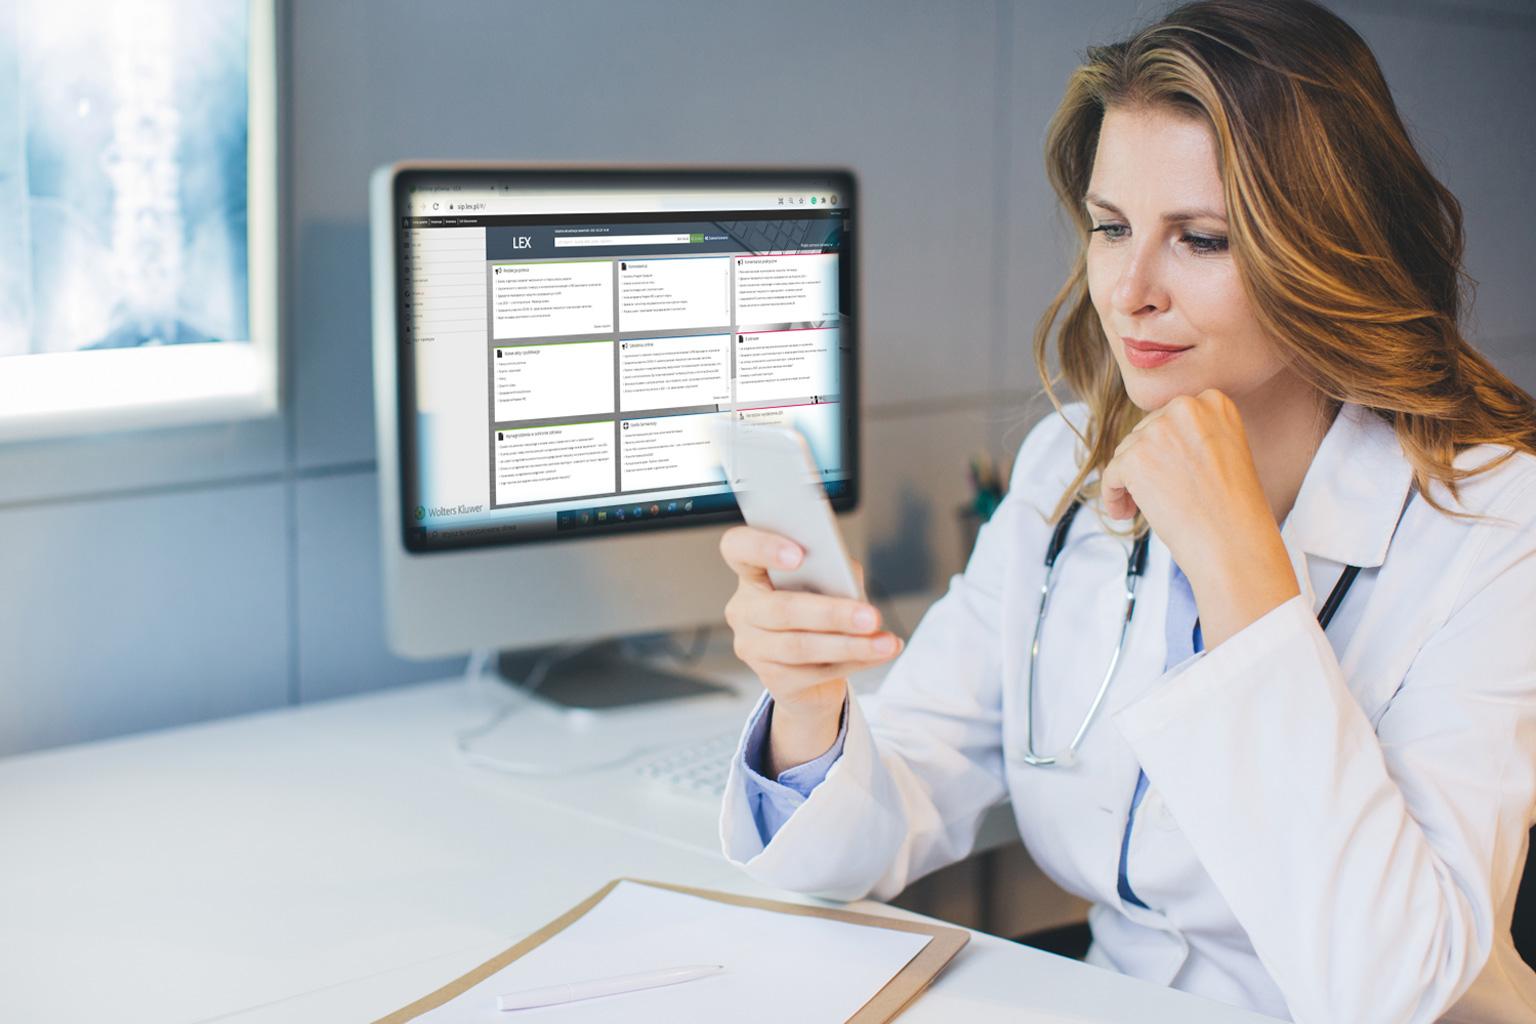 Lekarka patrzy na telefon, za nią jest komputer z LEX Compliance Medica